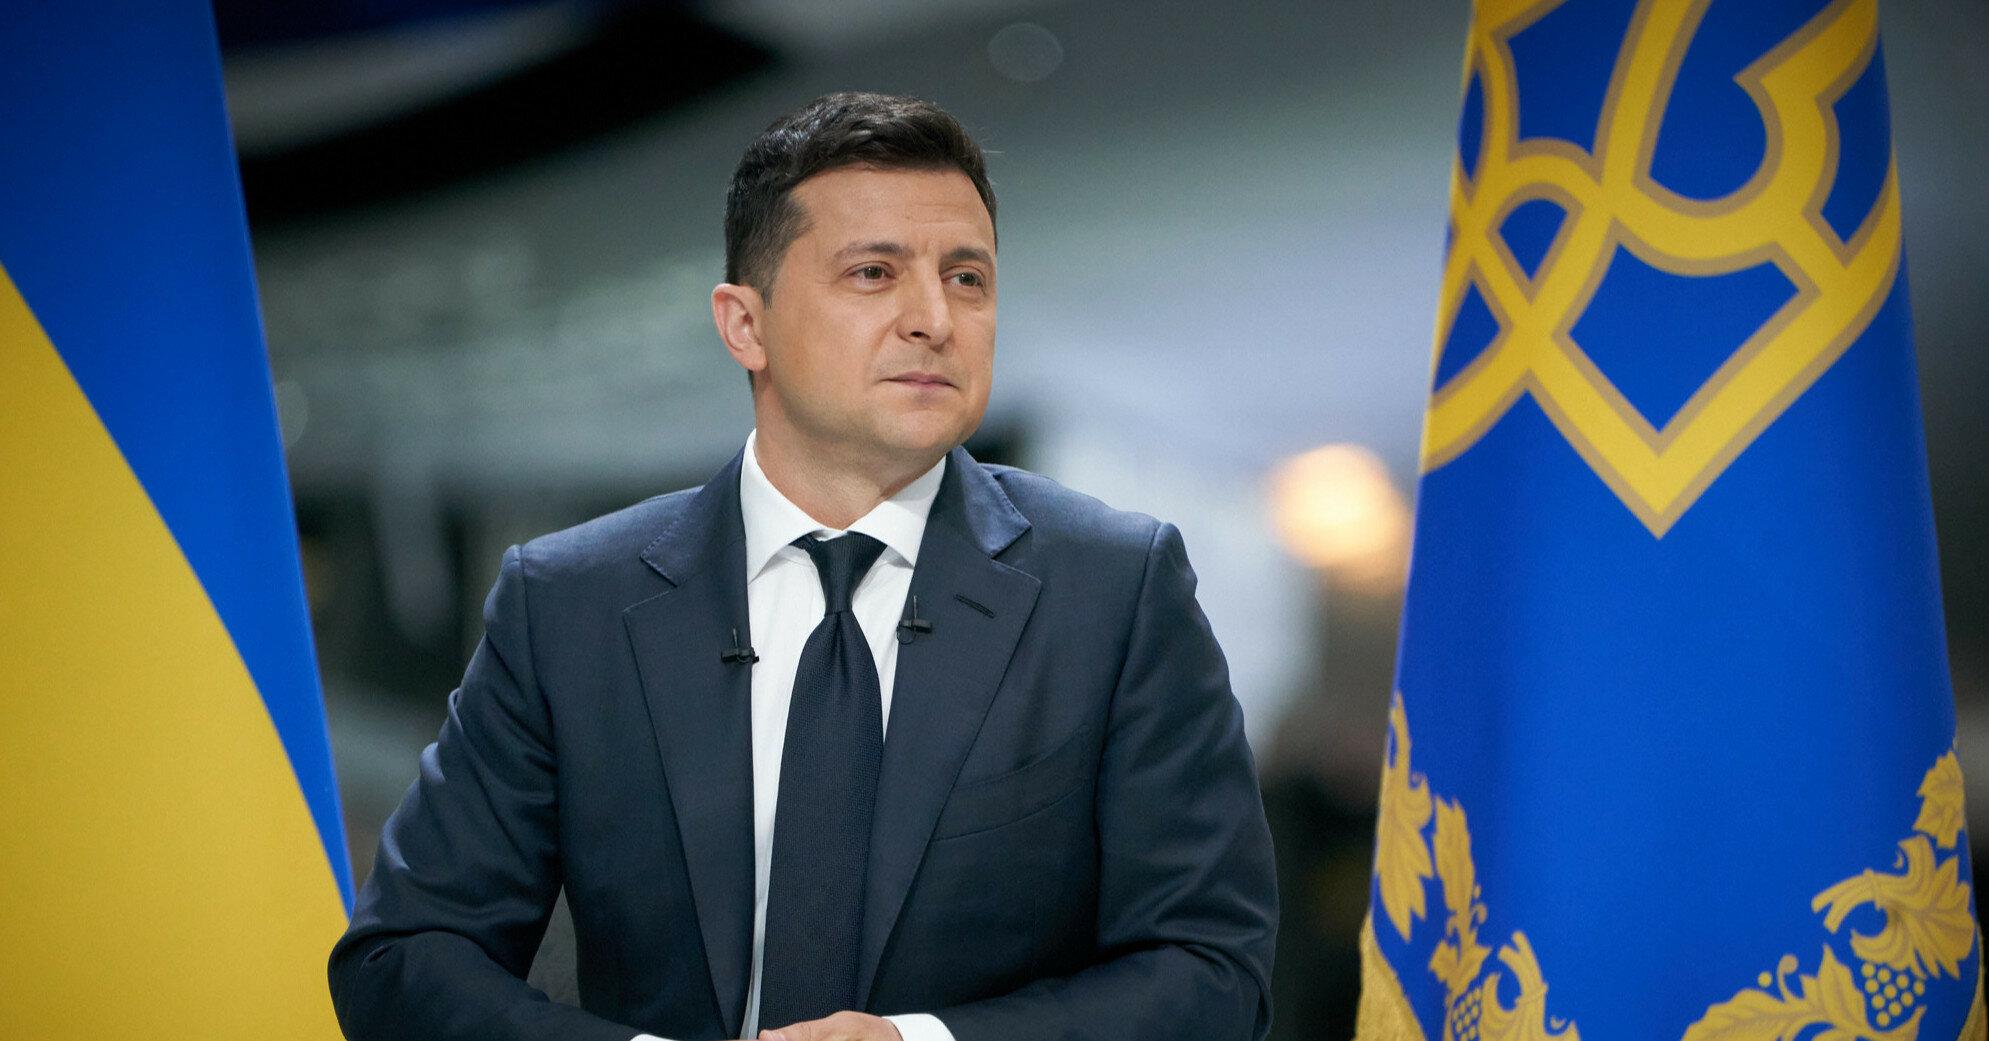 Зеленский поздравил Санду с победой ее партии на парламентских выборах